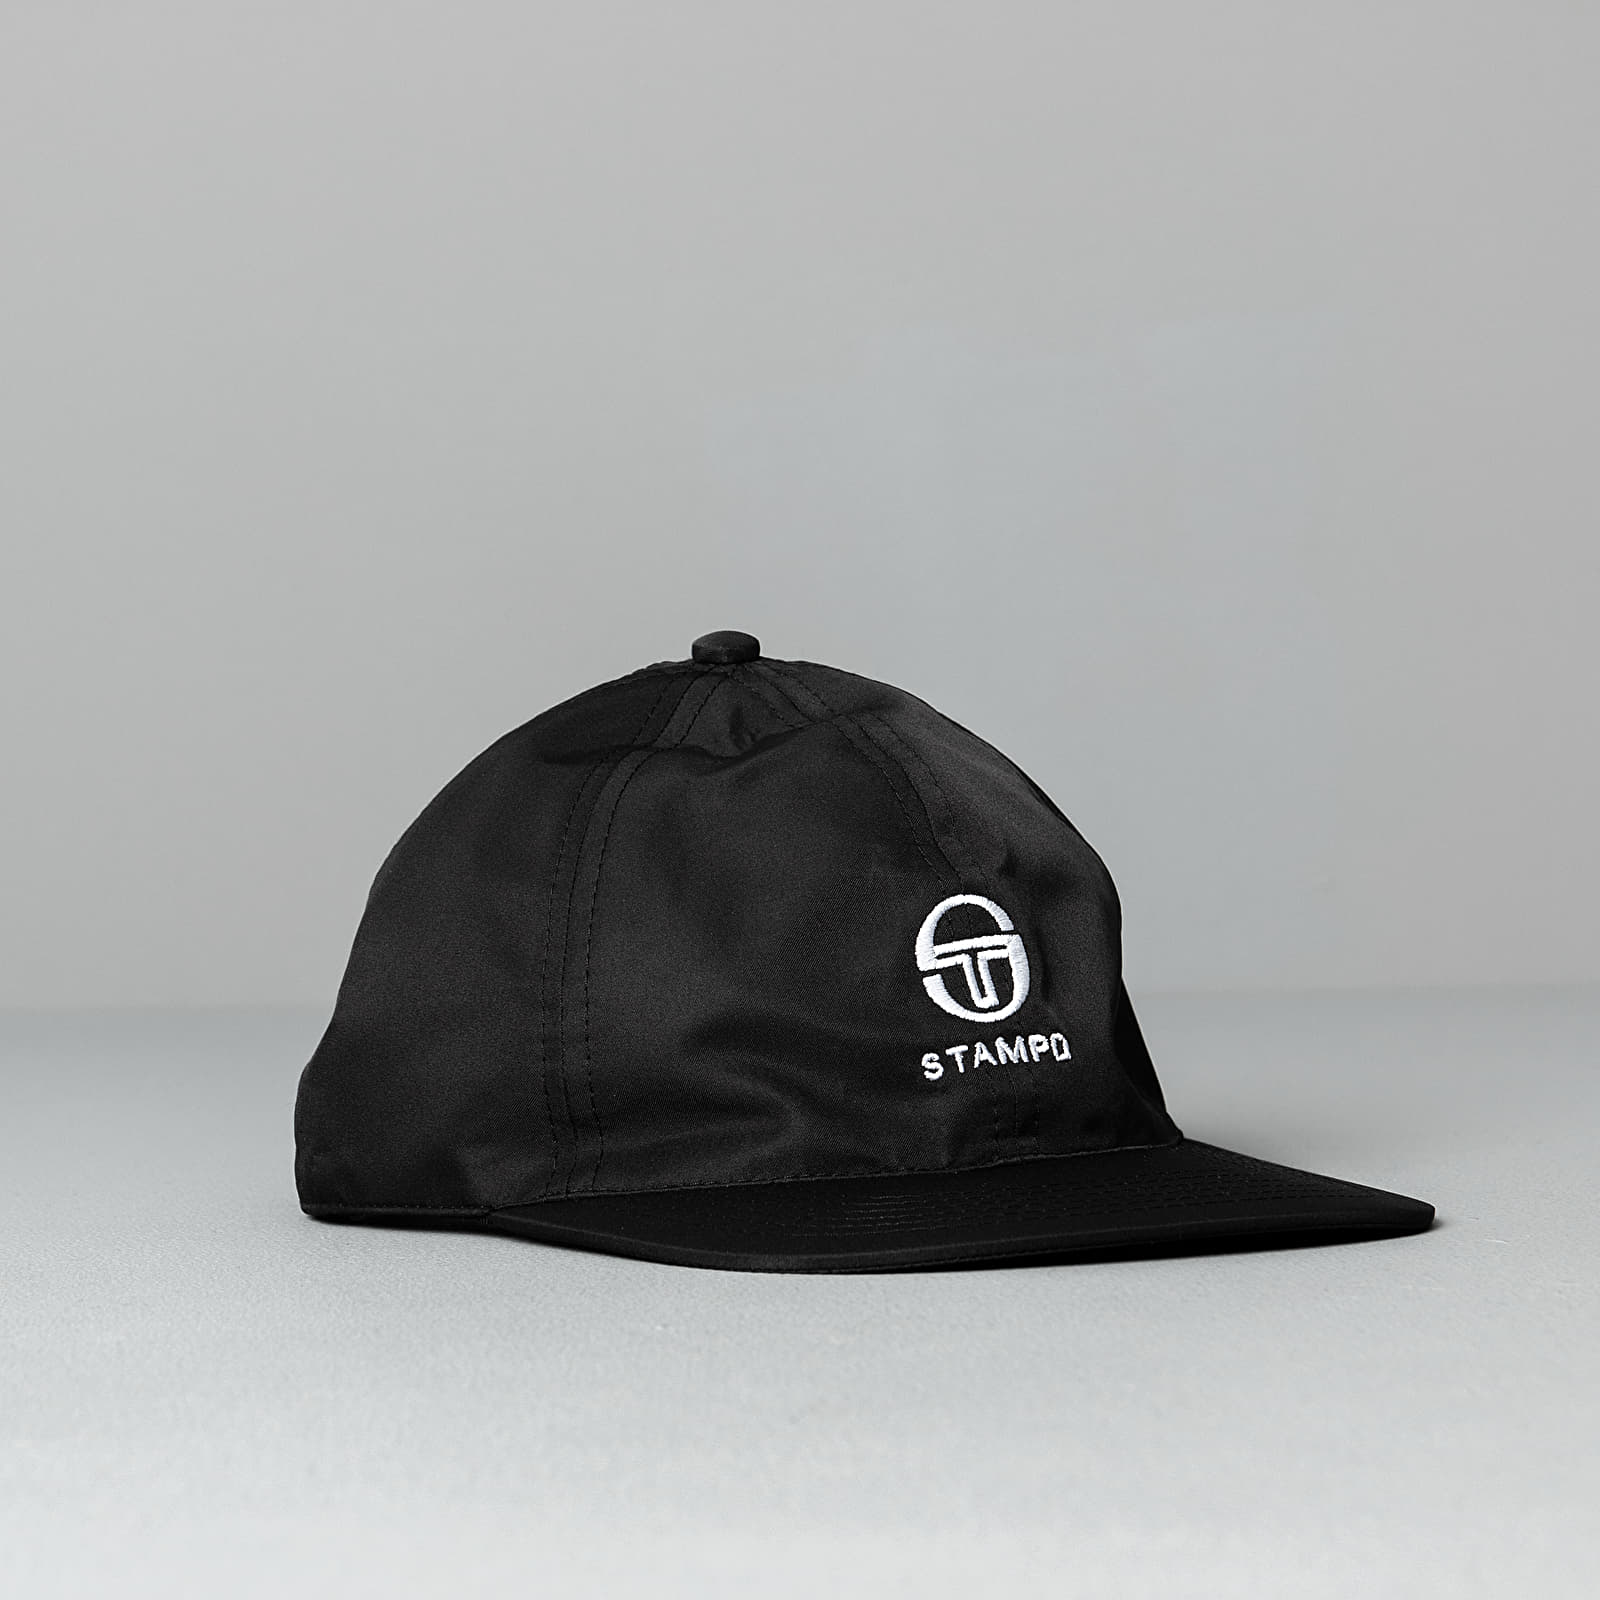 STAMPD x Sergio Tacchini Tambour Hat